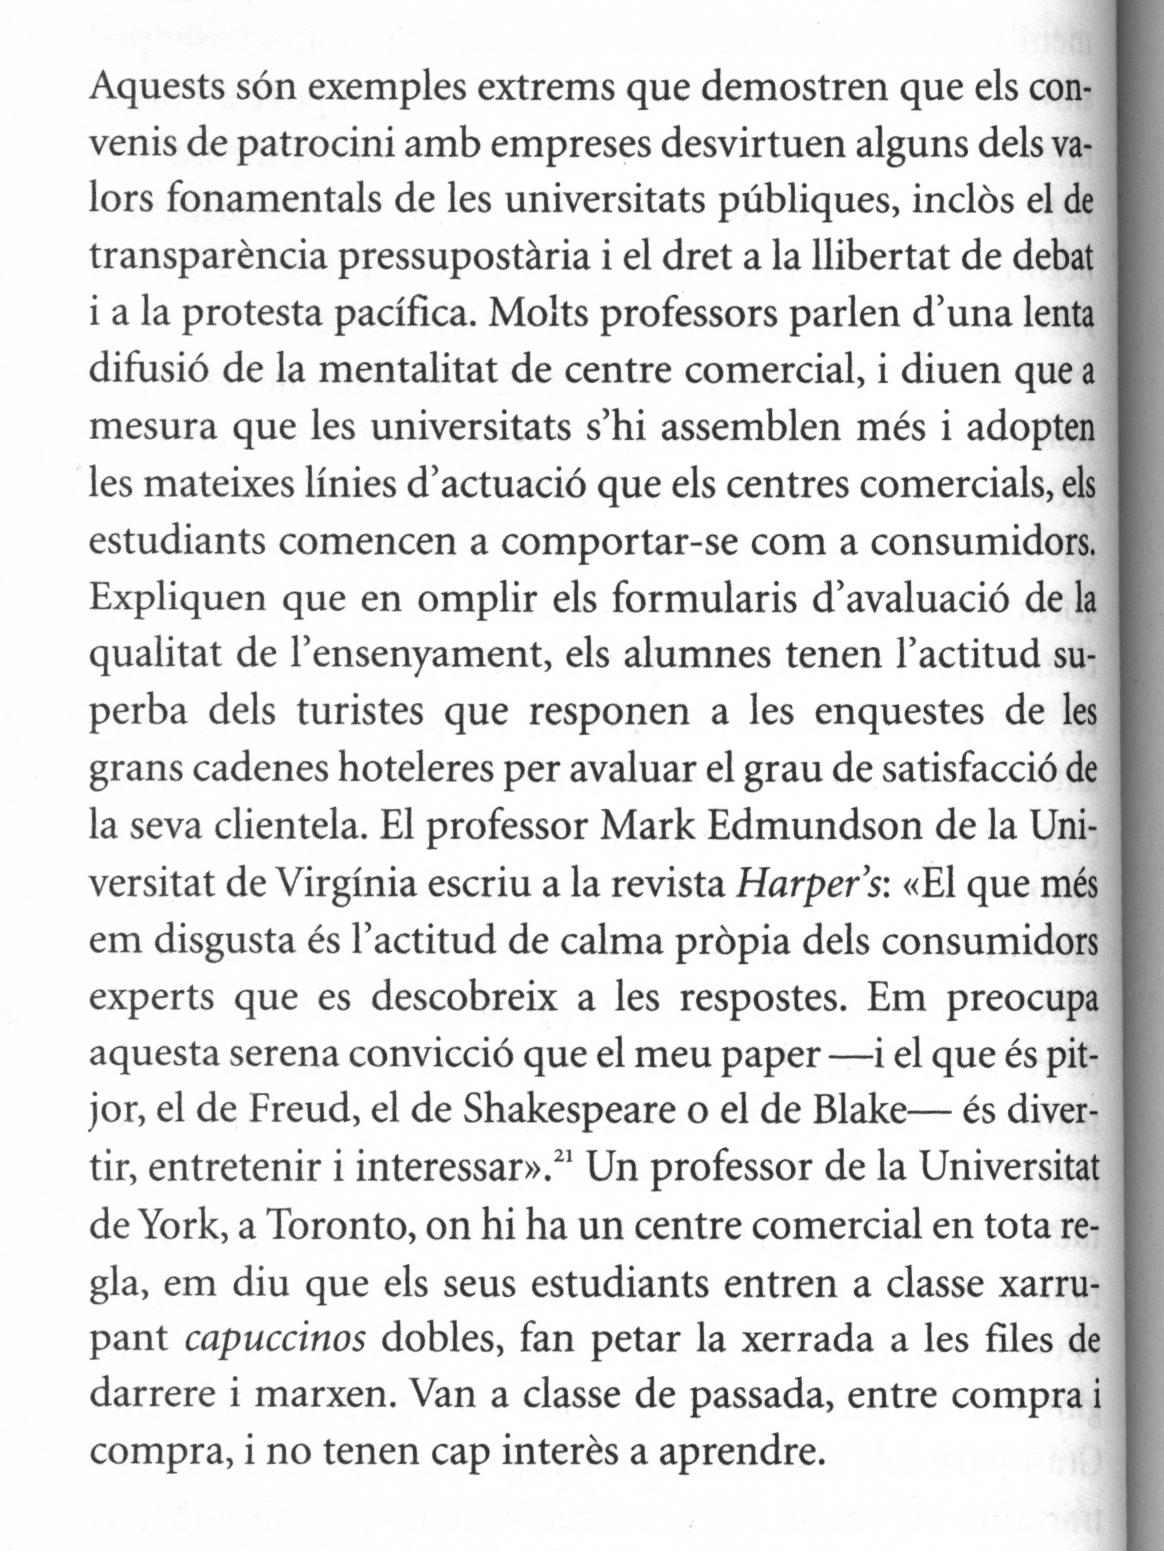 Fragment del llibre No logo de Naomi Klein on parla de com els universitaris s'han convertit en comsumidors